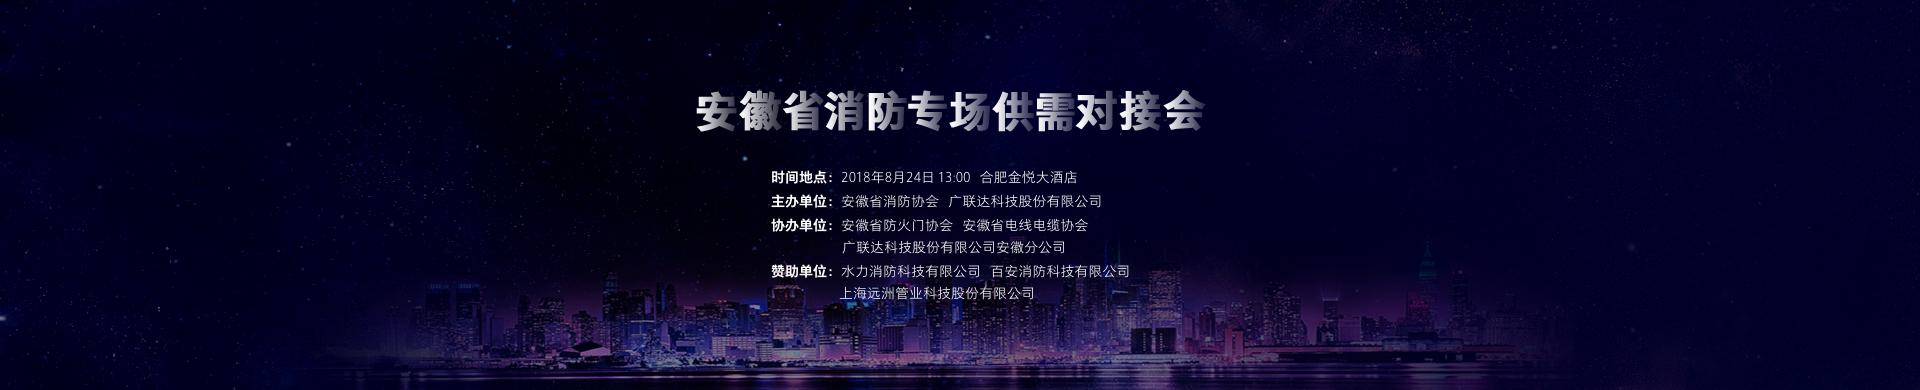 广材通首页banner3-供需洽谈会